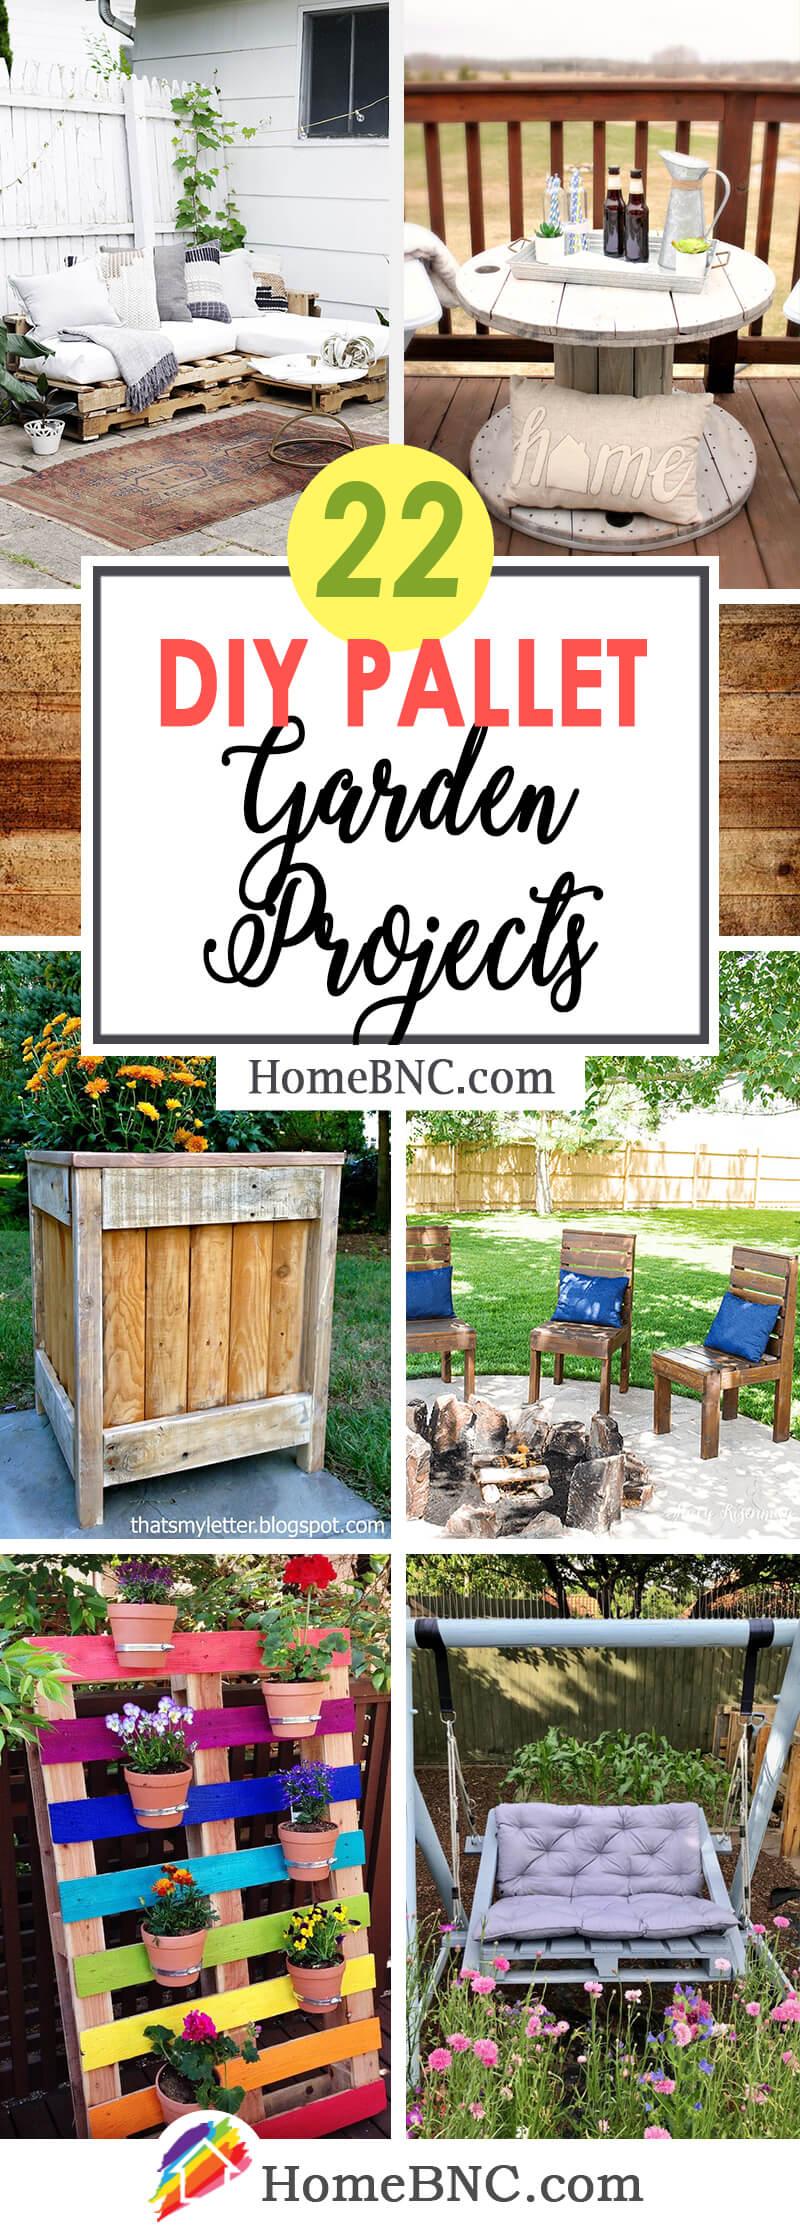 Best DIY Pallet Garden Ideas